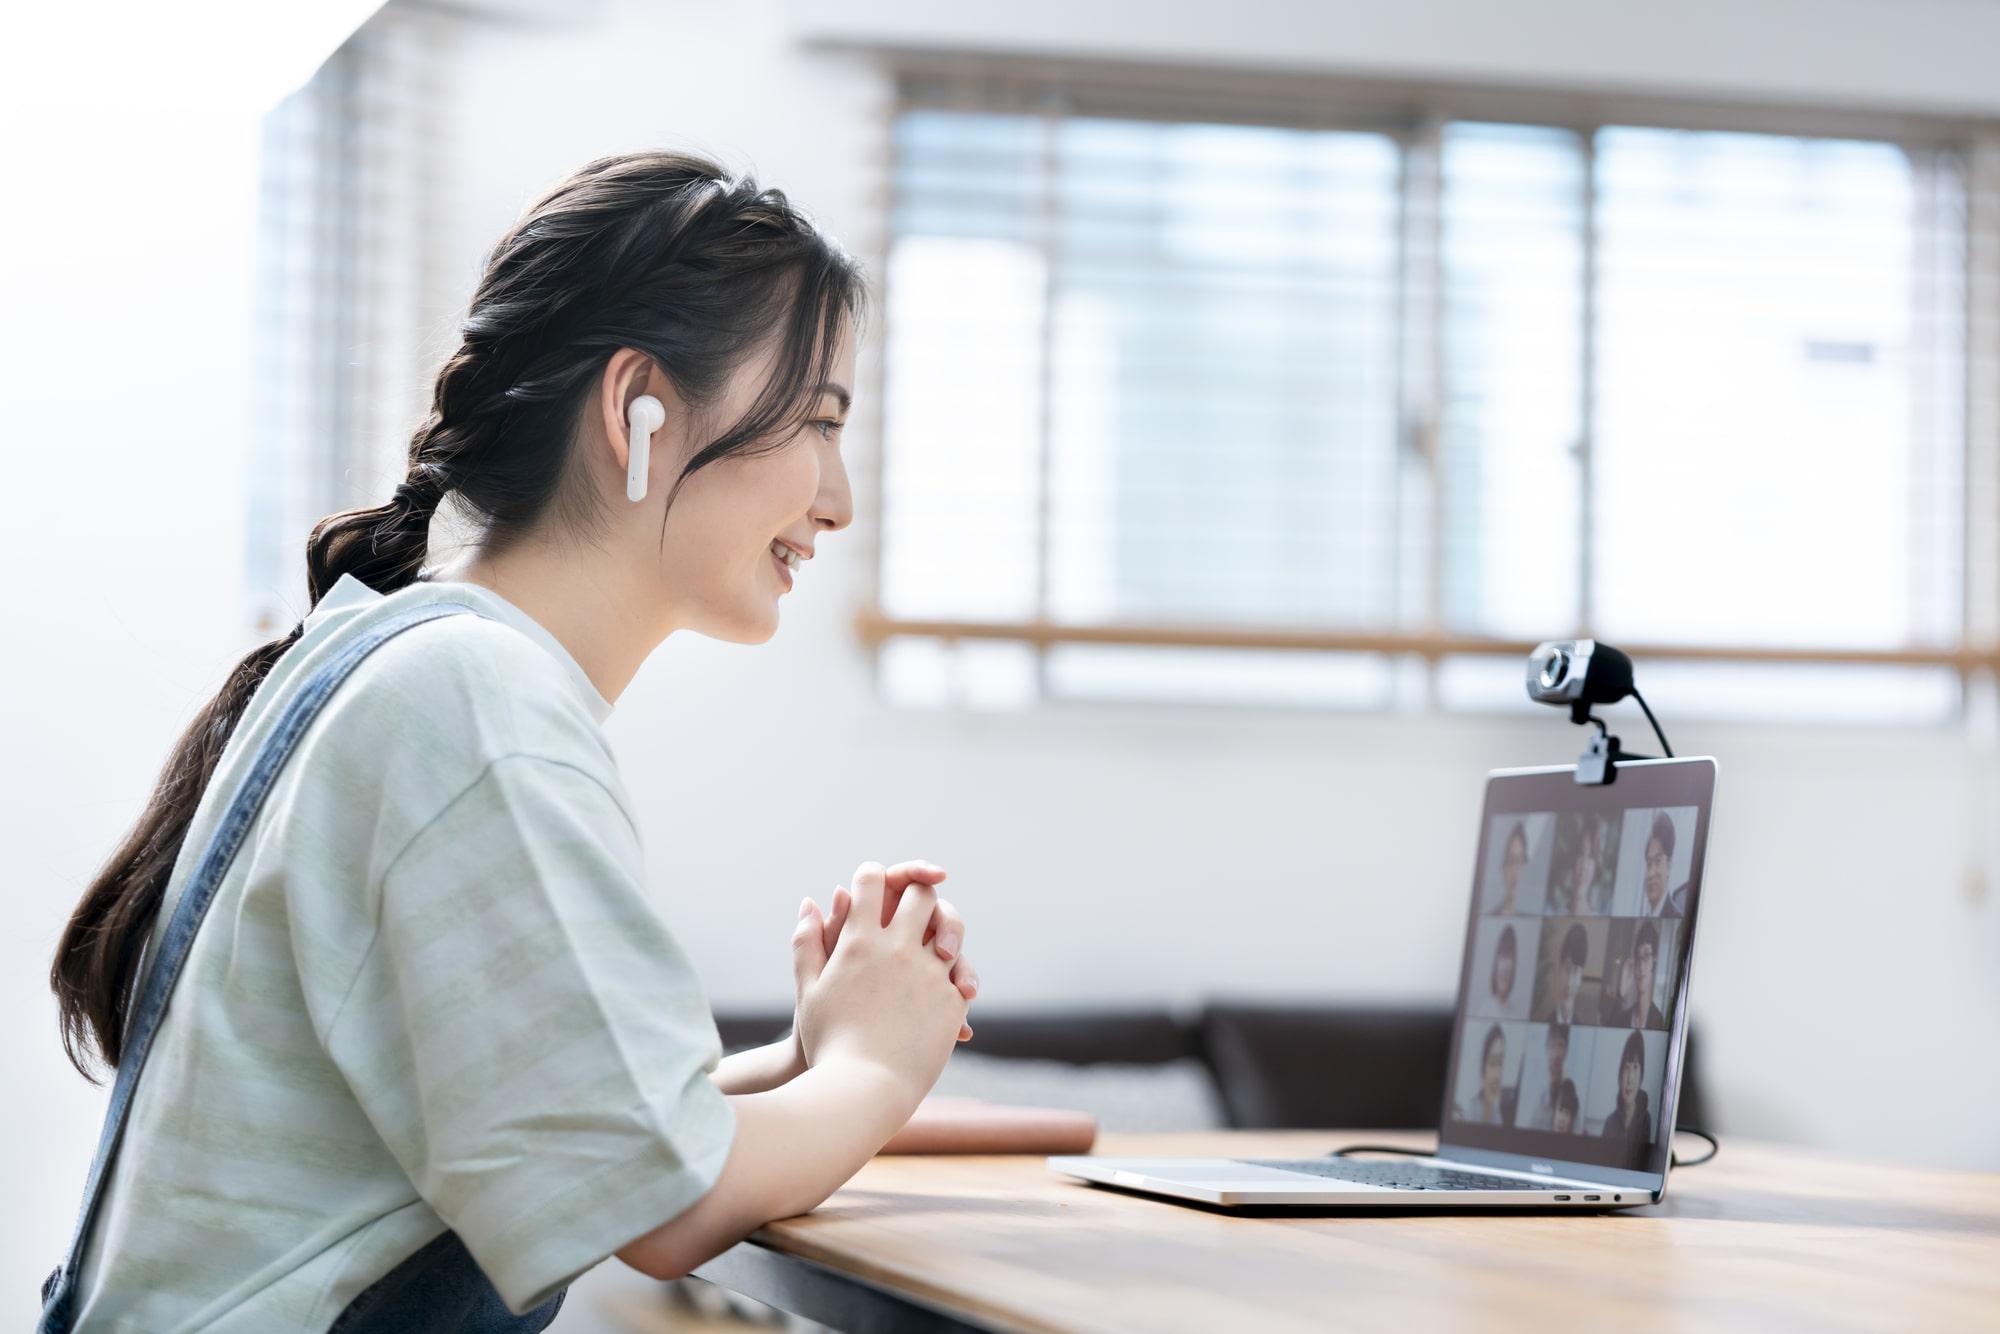 メールだけじゃキビしい?コロナ時代に使いこなしたいコミュニケーションツール5選|TIME SHARING|タイムシェアリング |スペースマネジメント|あどばる|adval|SHARING